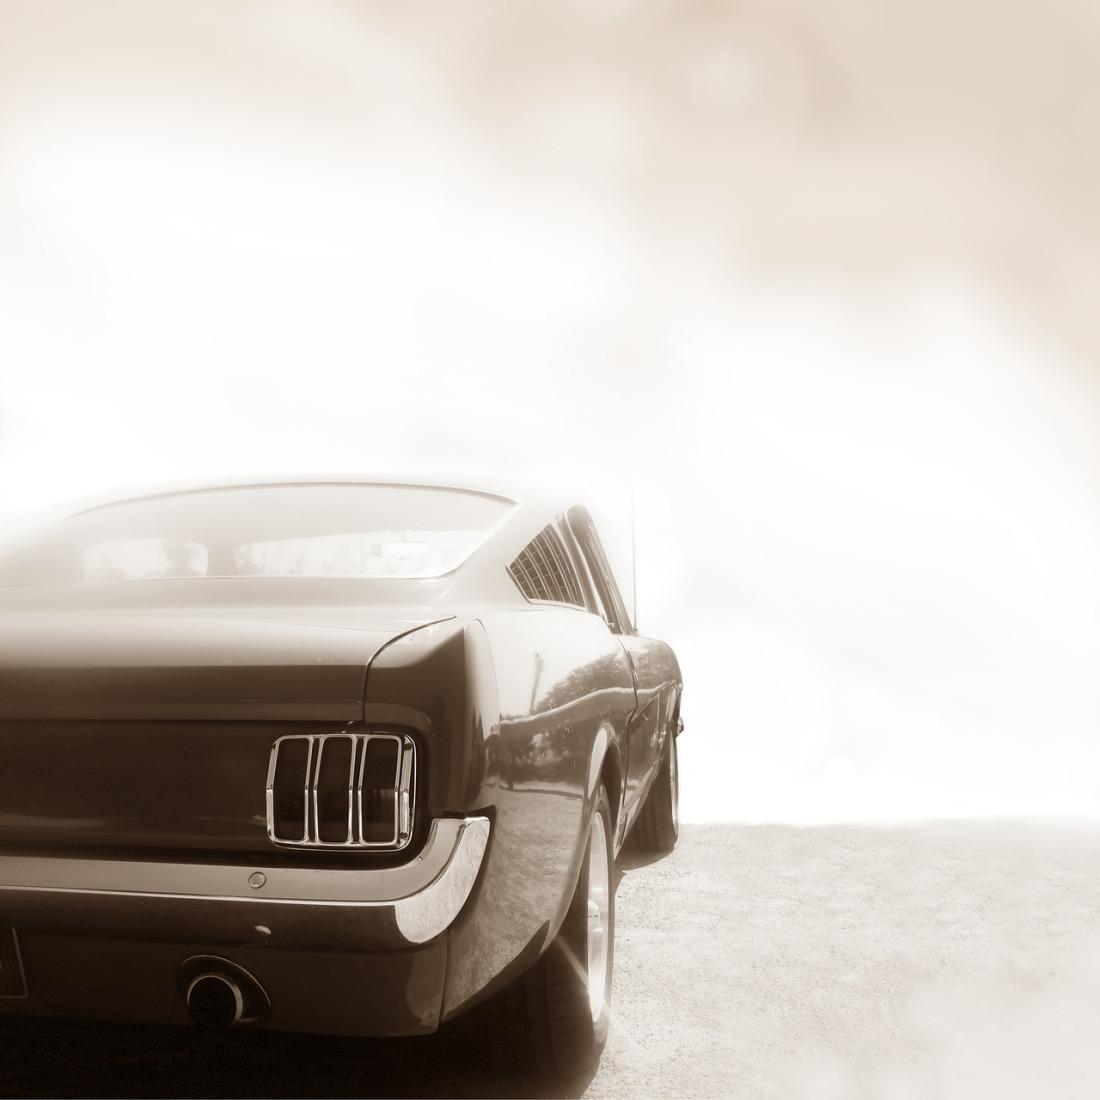 car-1465433_1280